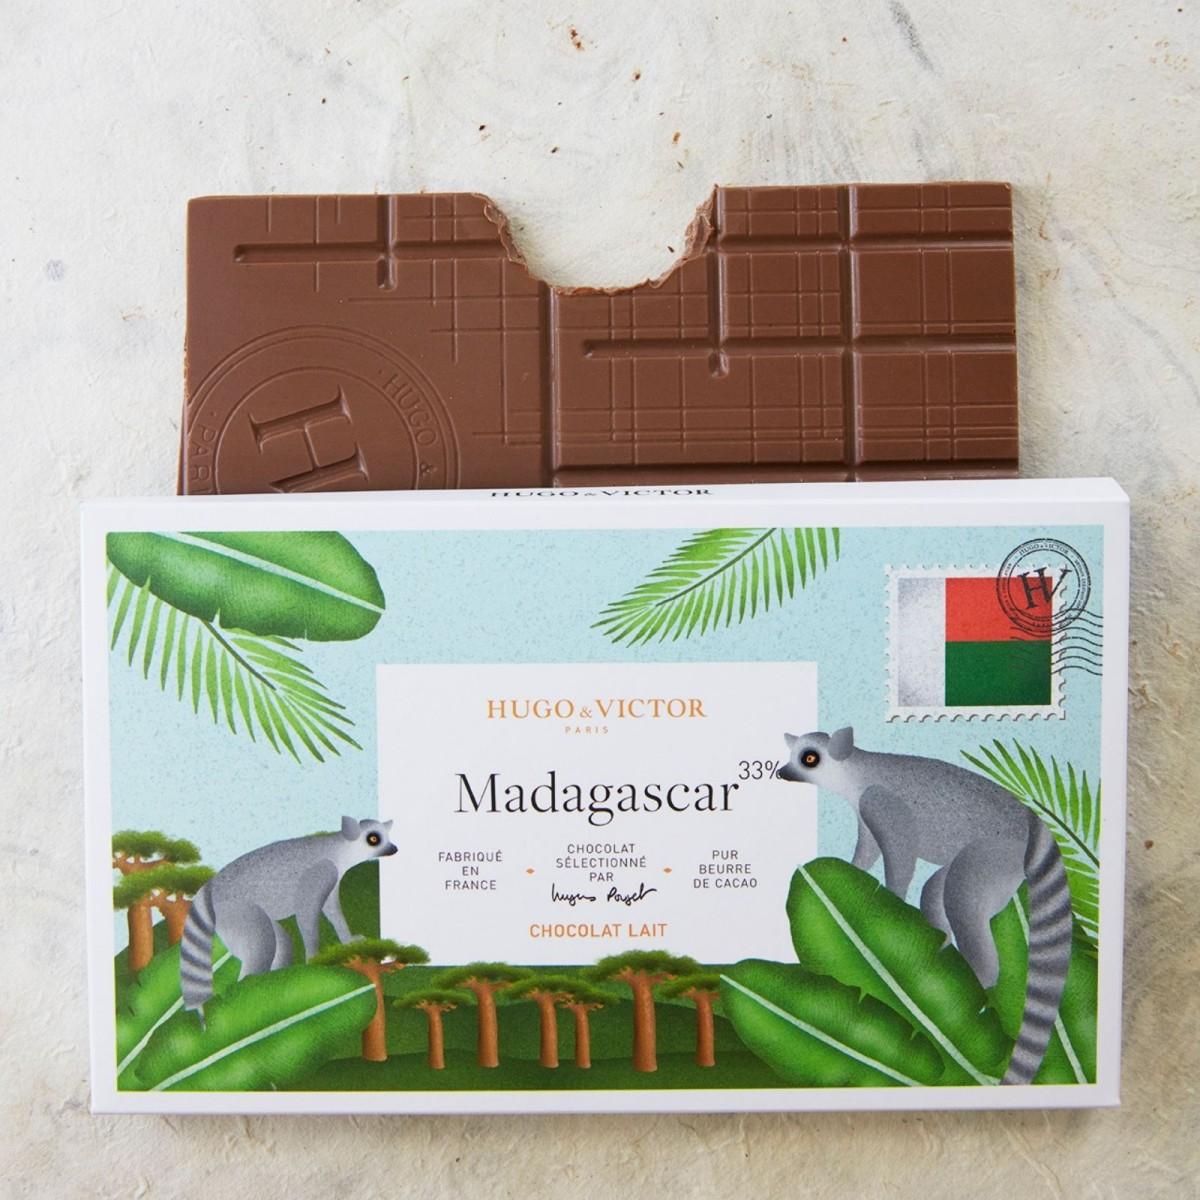 Tablette Madagascar 33% chocolat lait sans lécithine de soja